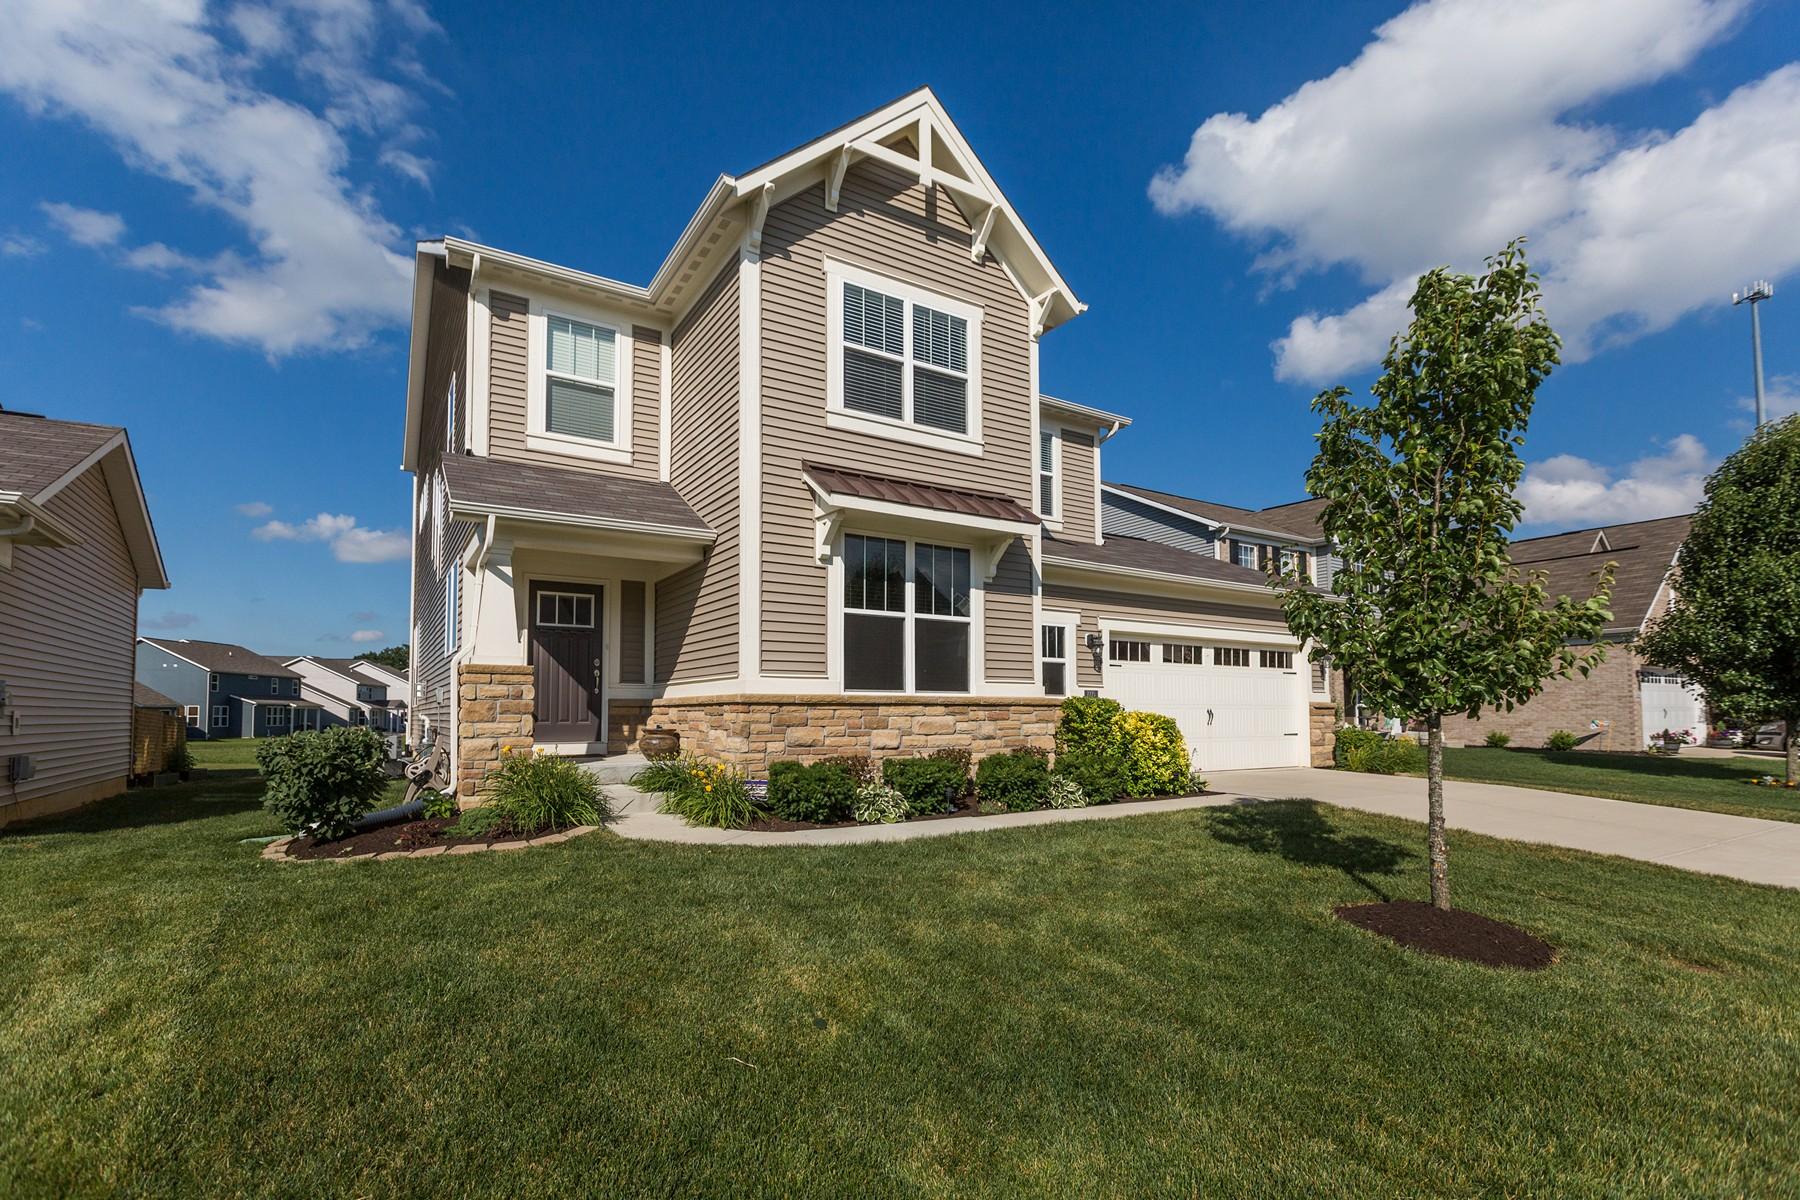 Casa para uma família para Venda às Fantastic Eagles Nest 7775 Blue Jay Way Zionsville, Indiana, 46077 Estados Unidos